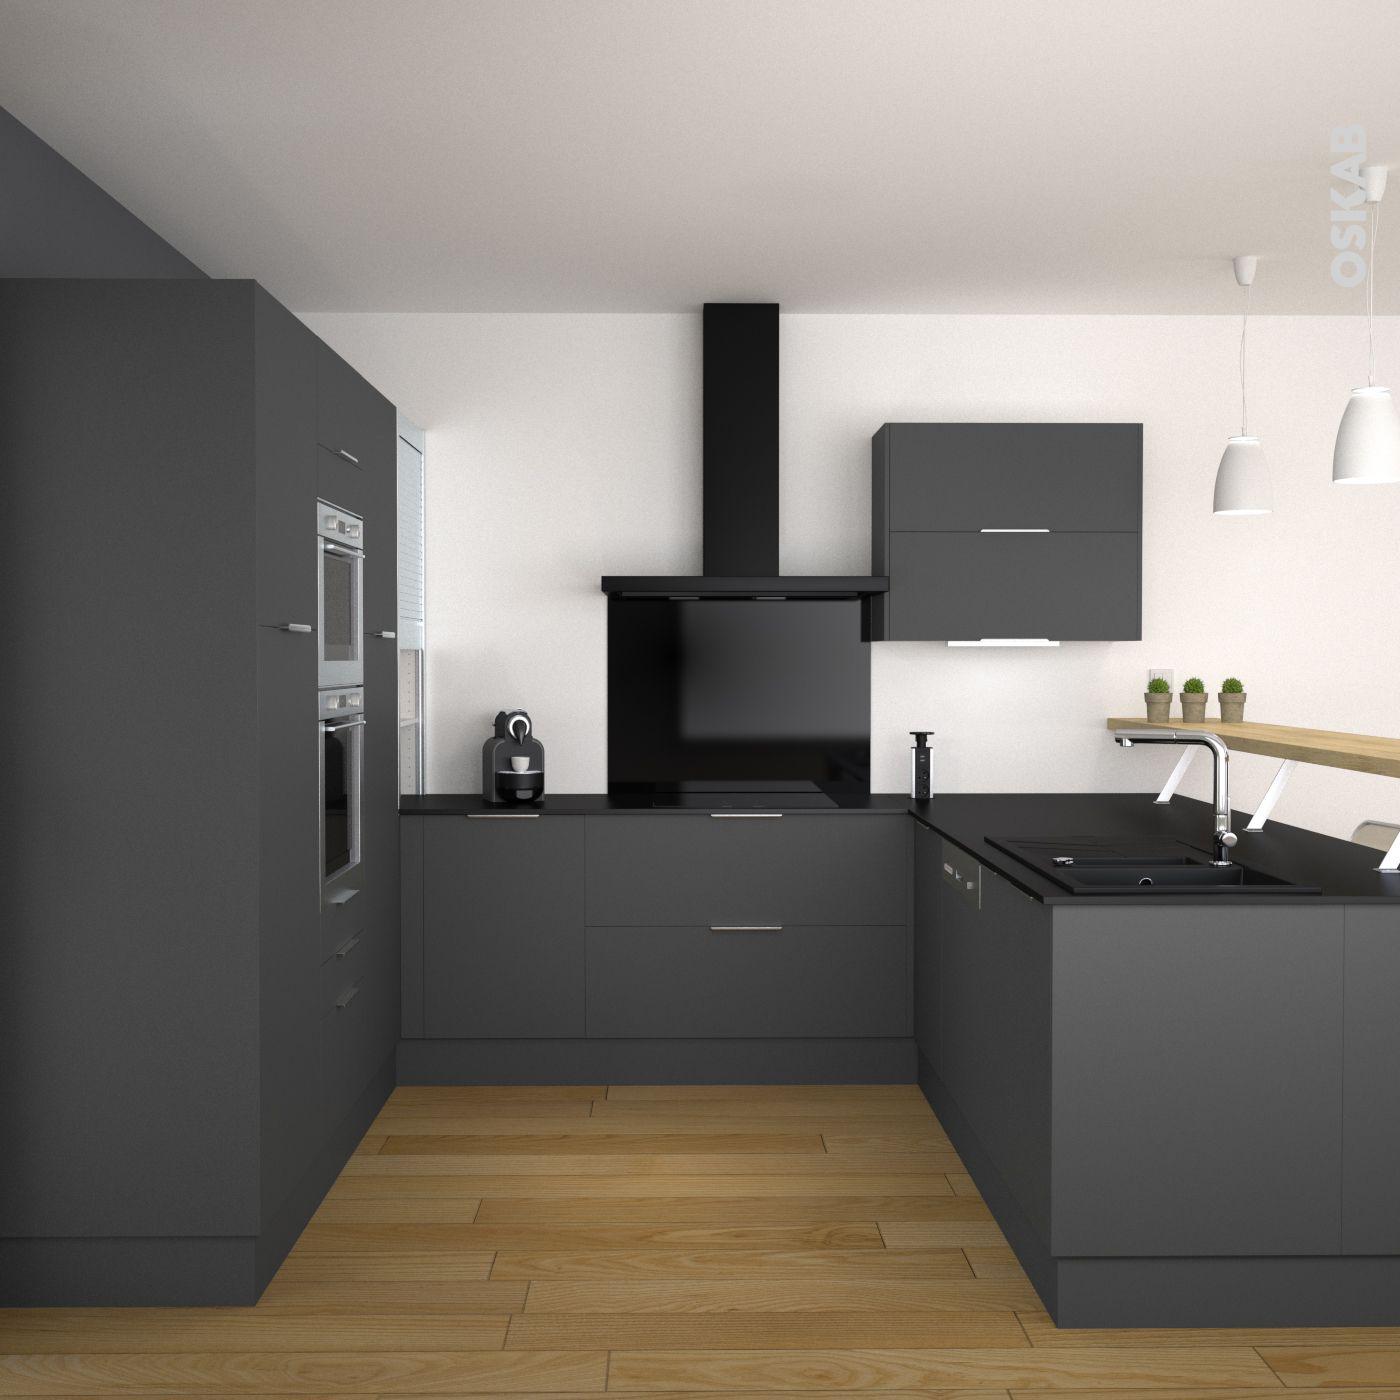 Cuisine grise moderne décor mat en U : plan de travail noir mat et ...